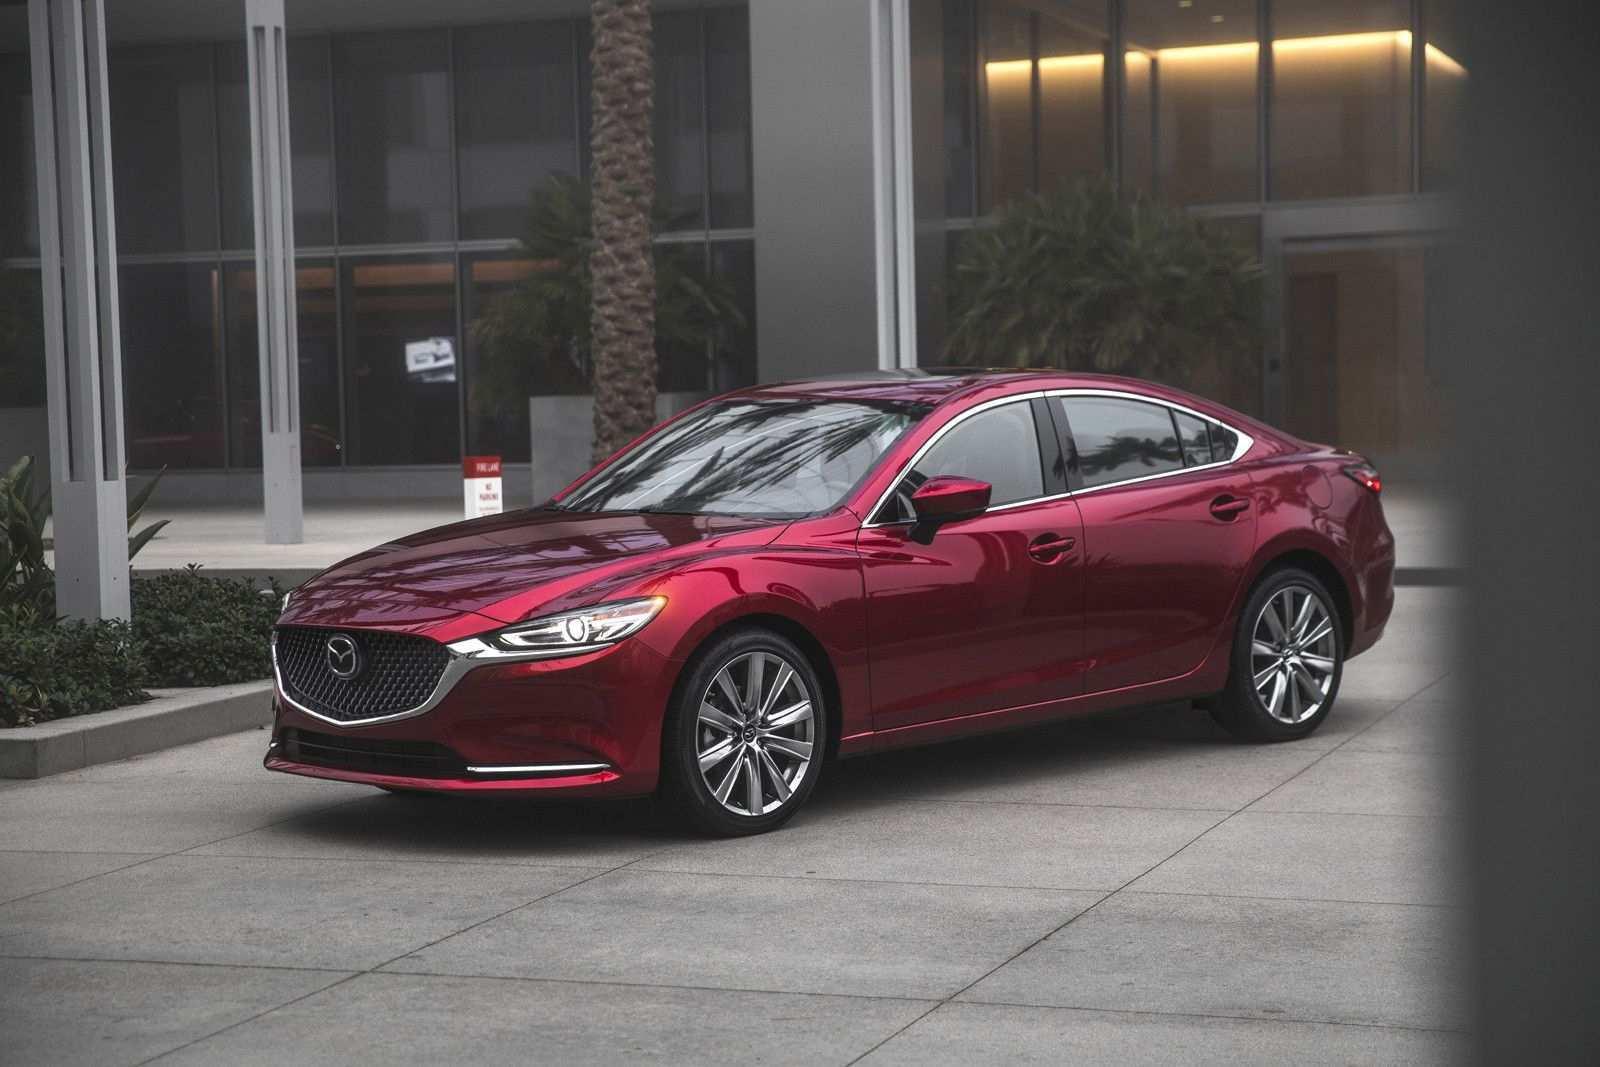 23 All New Precio Del Mazda 2019 Performance by Precio Del Mazda 2019